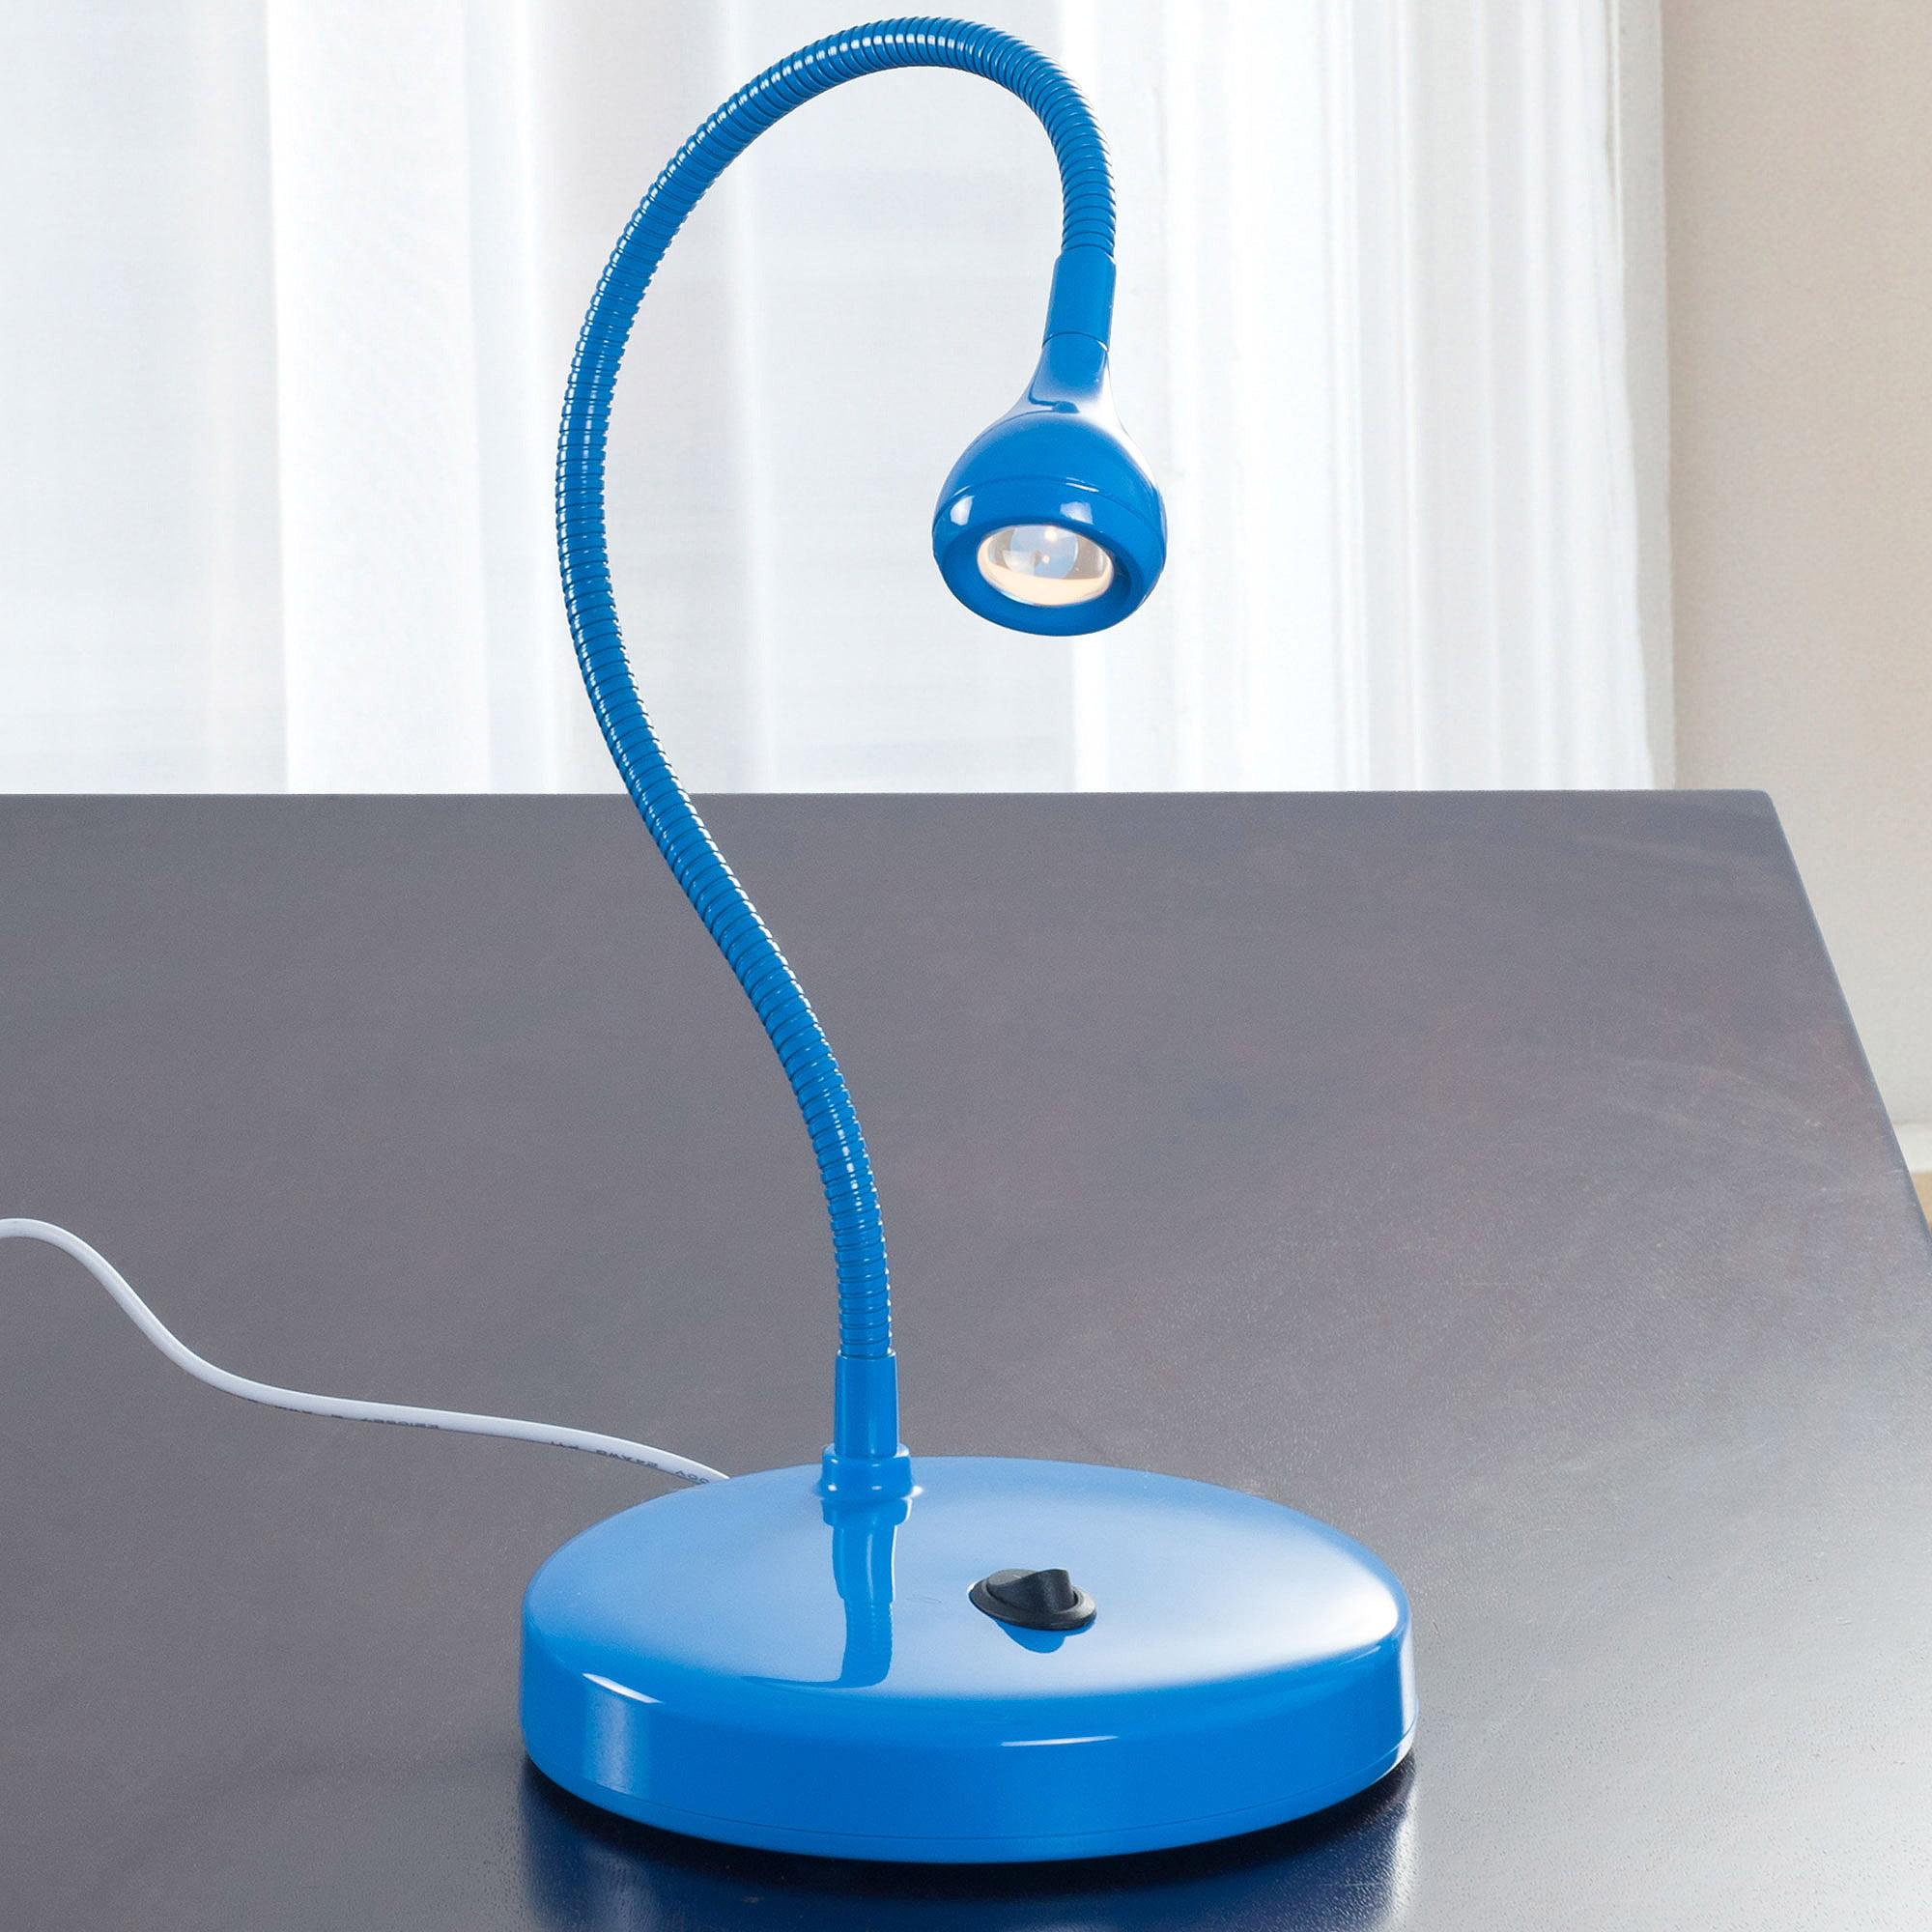 LED USB Adjustable Goose Neck Desk Lamp by Lavish Home